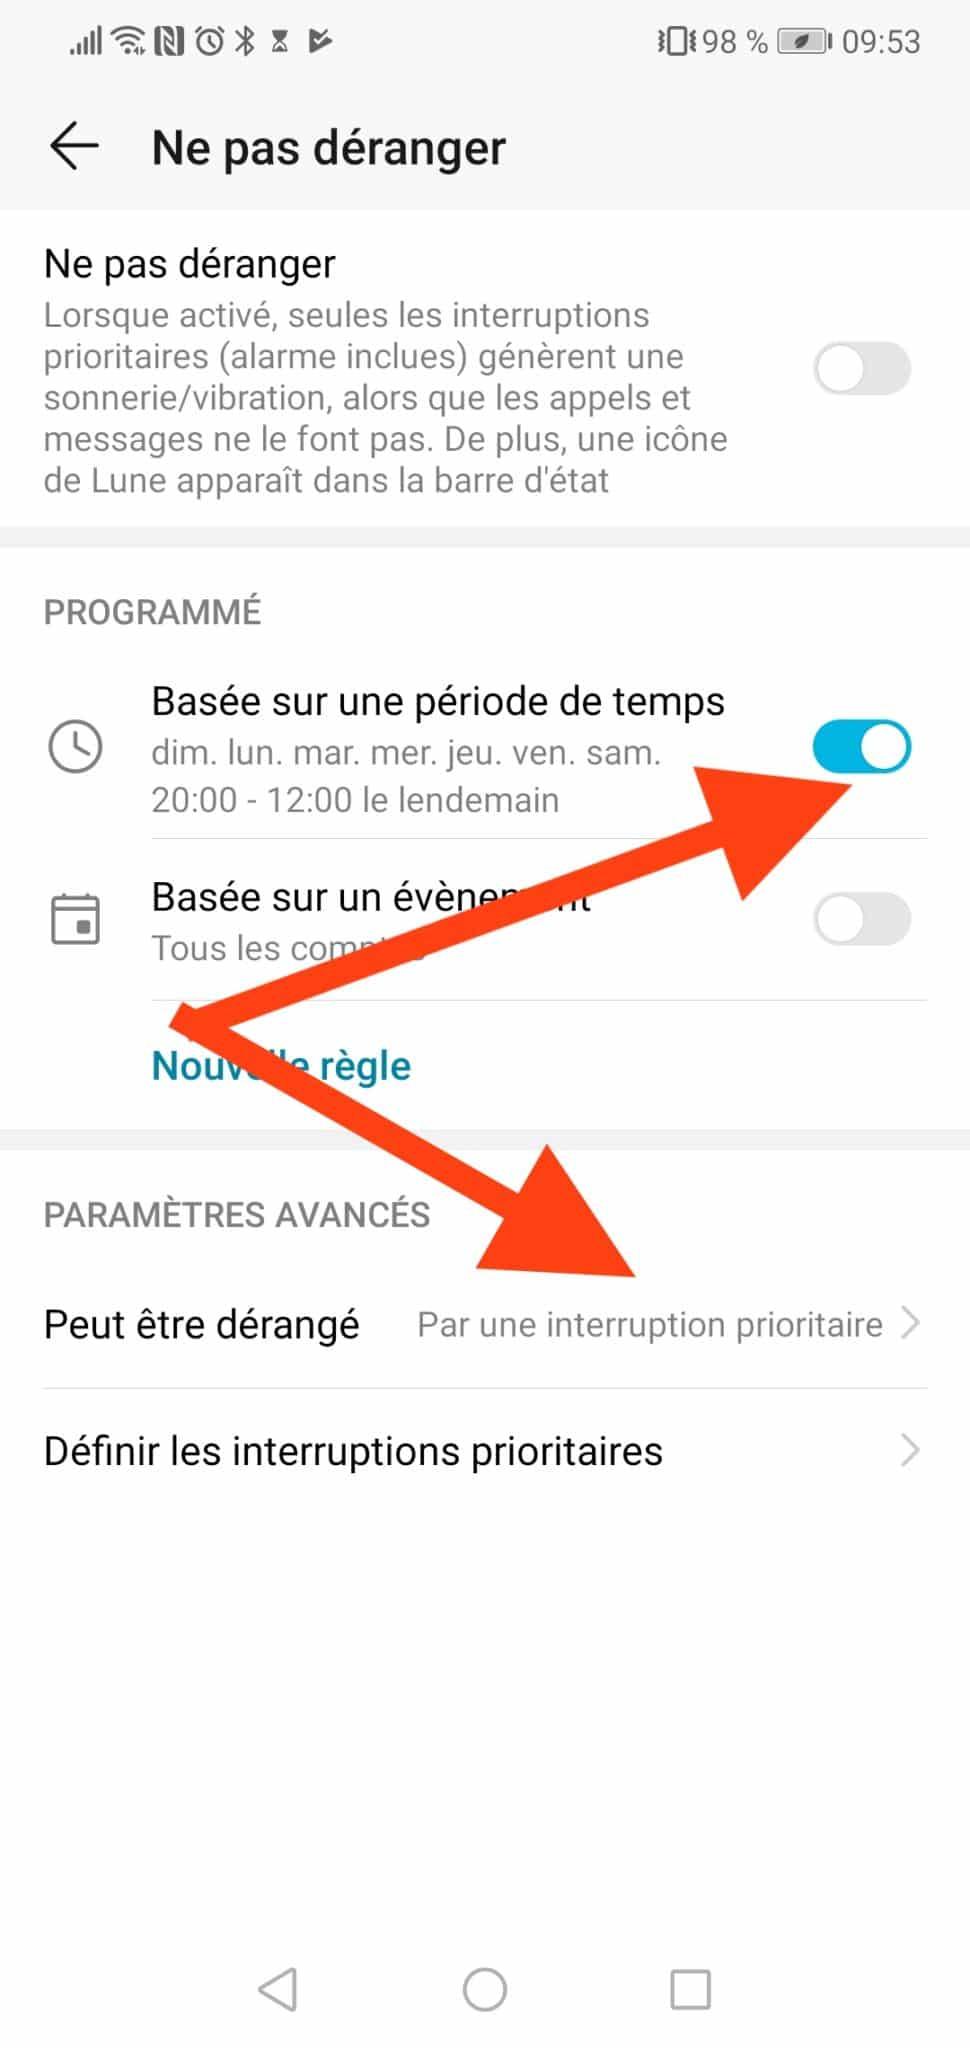 Android mode ne pas déranger